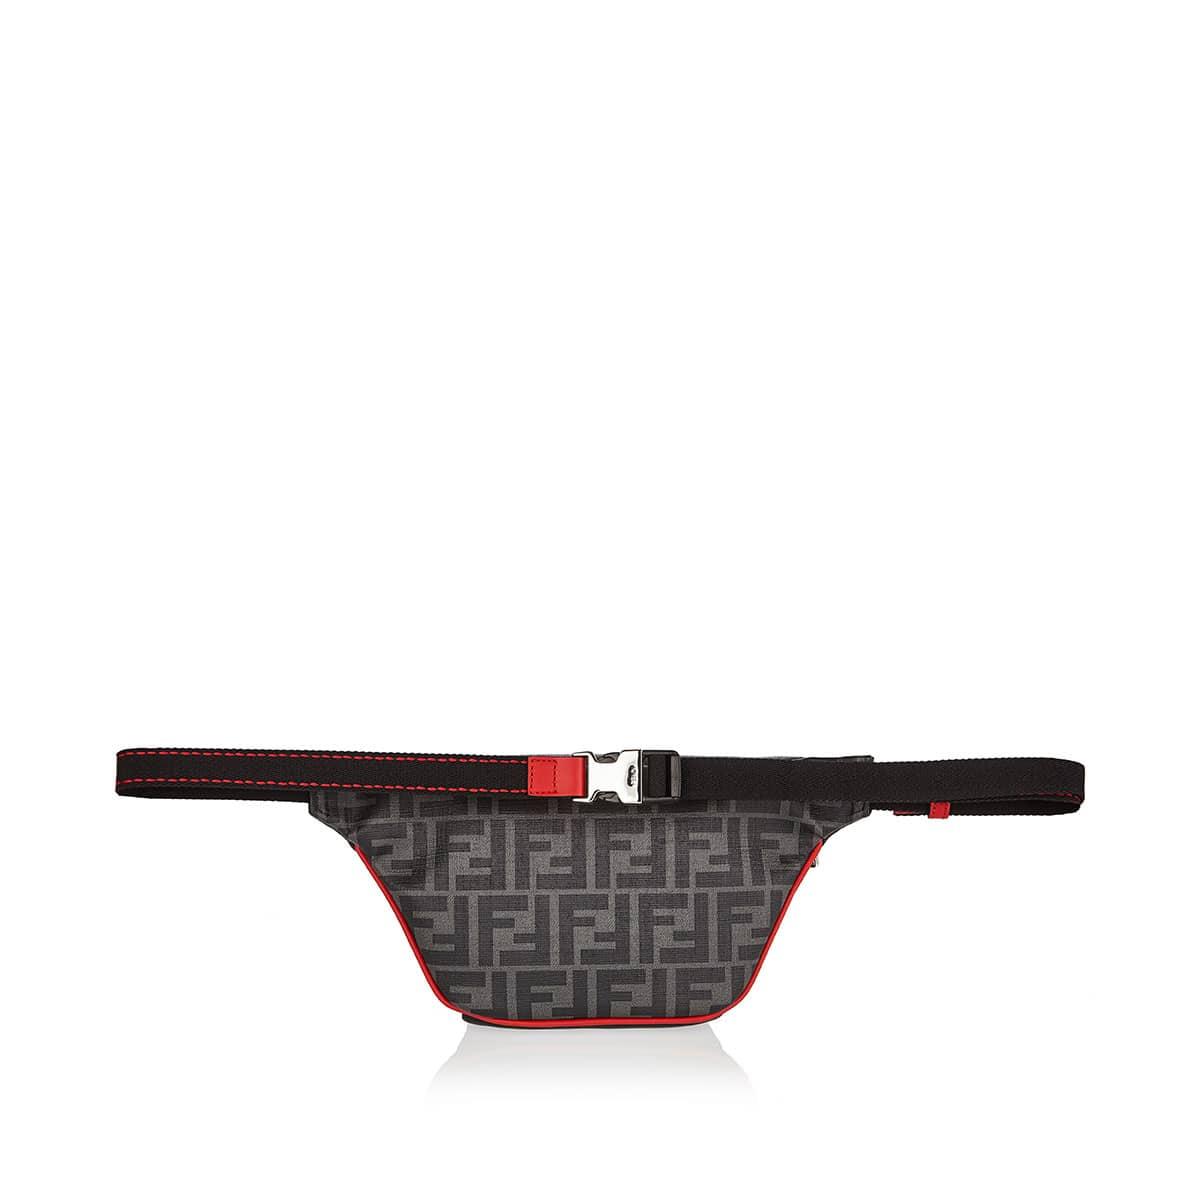 FF belt bag